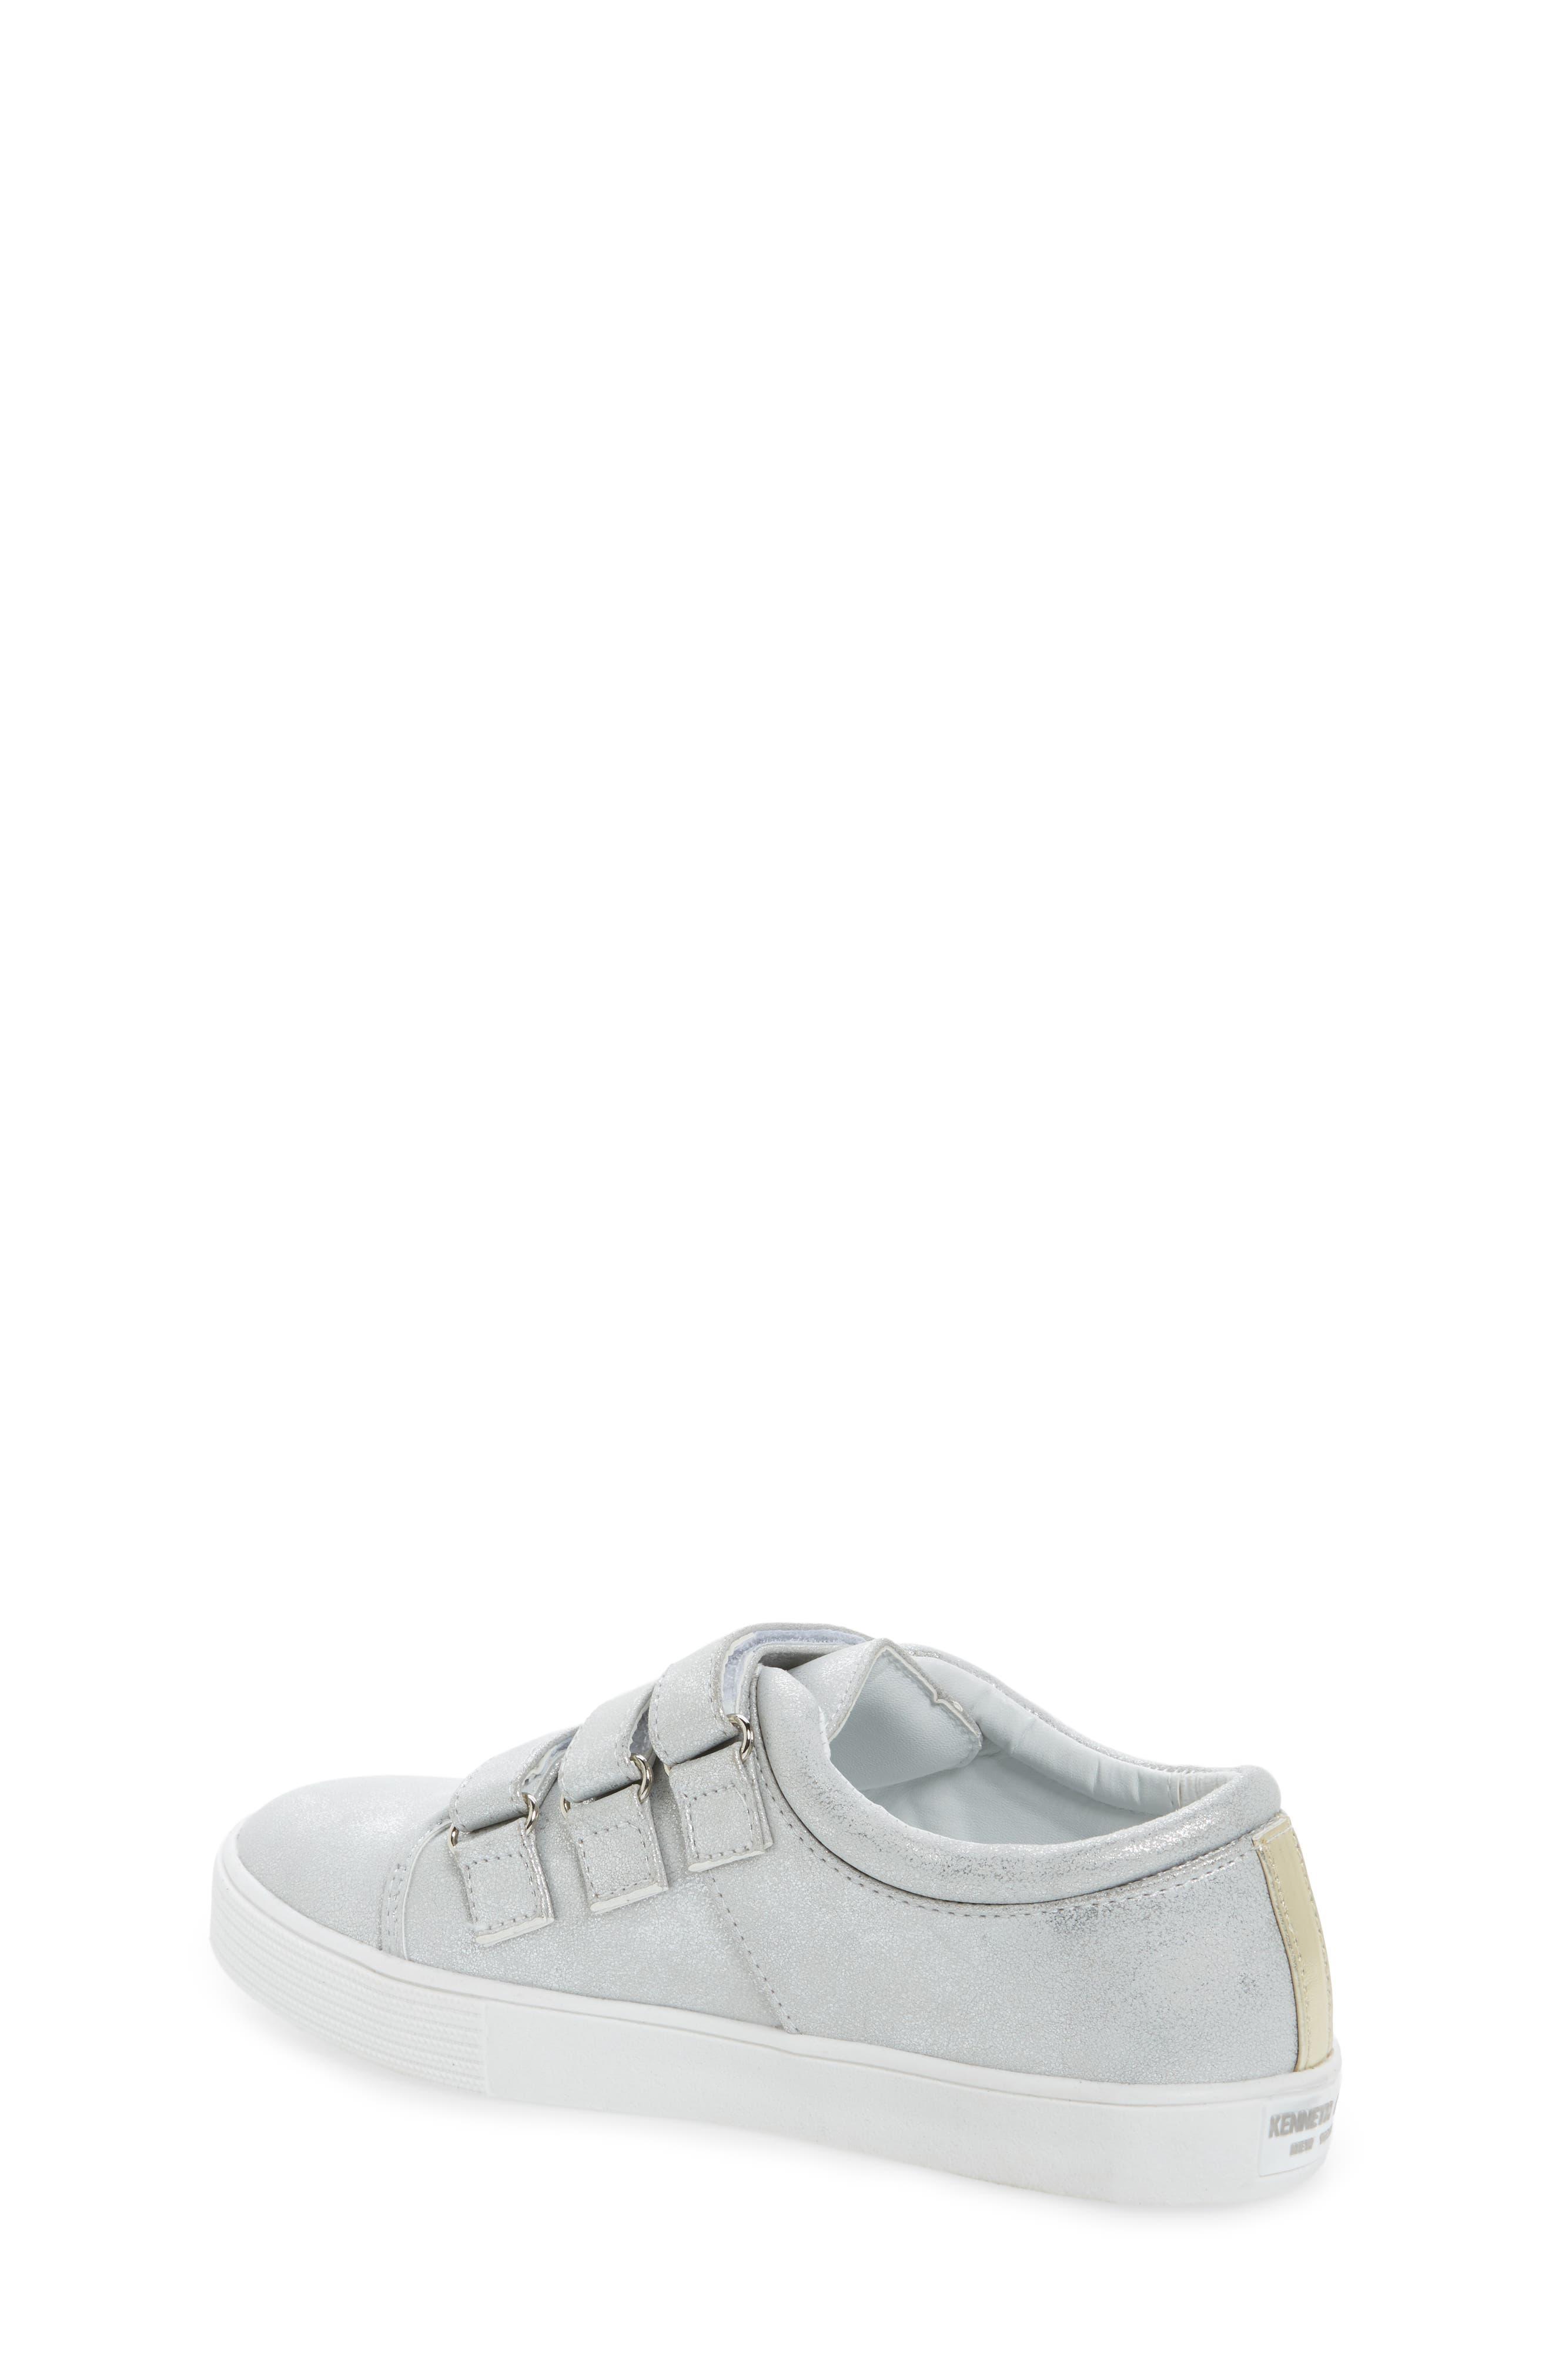 Alternate Image 2  - Kenneth Cole New York Kam Glitter Strap Sneaker (Toddler, Little Kid & Big Kid)